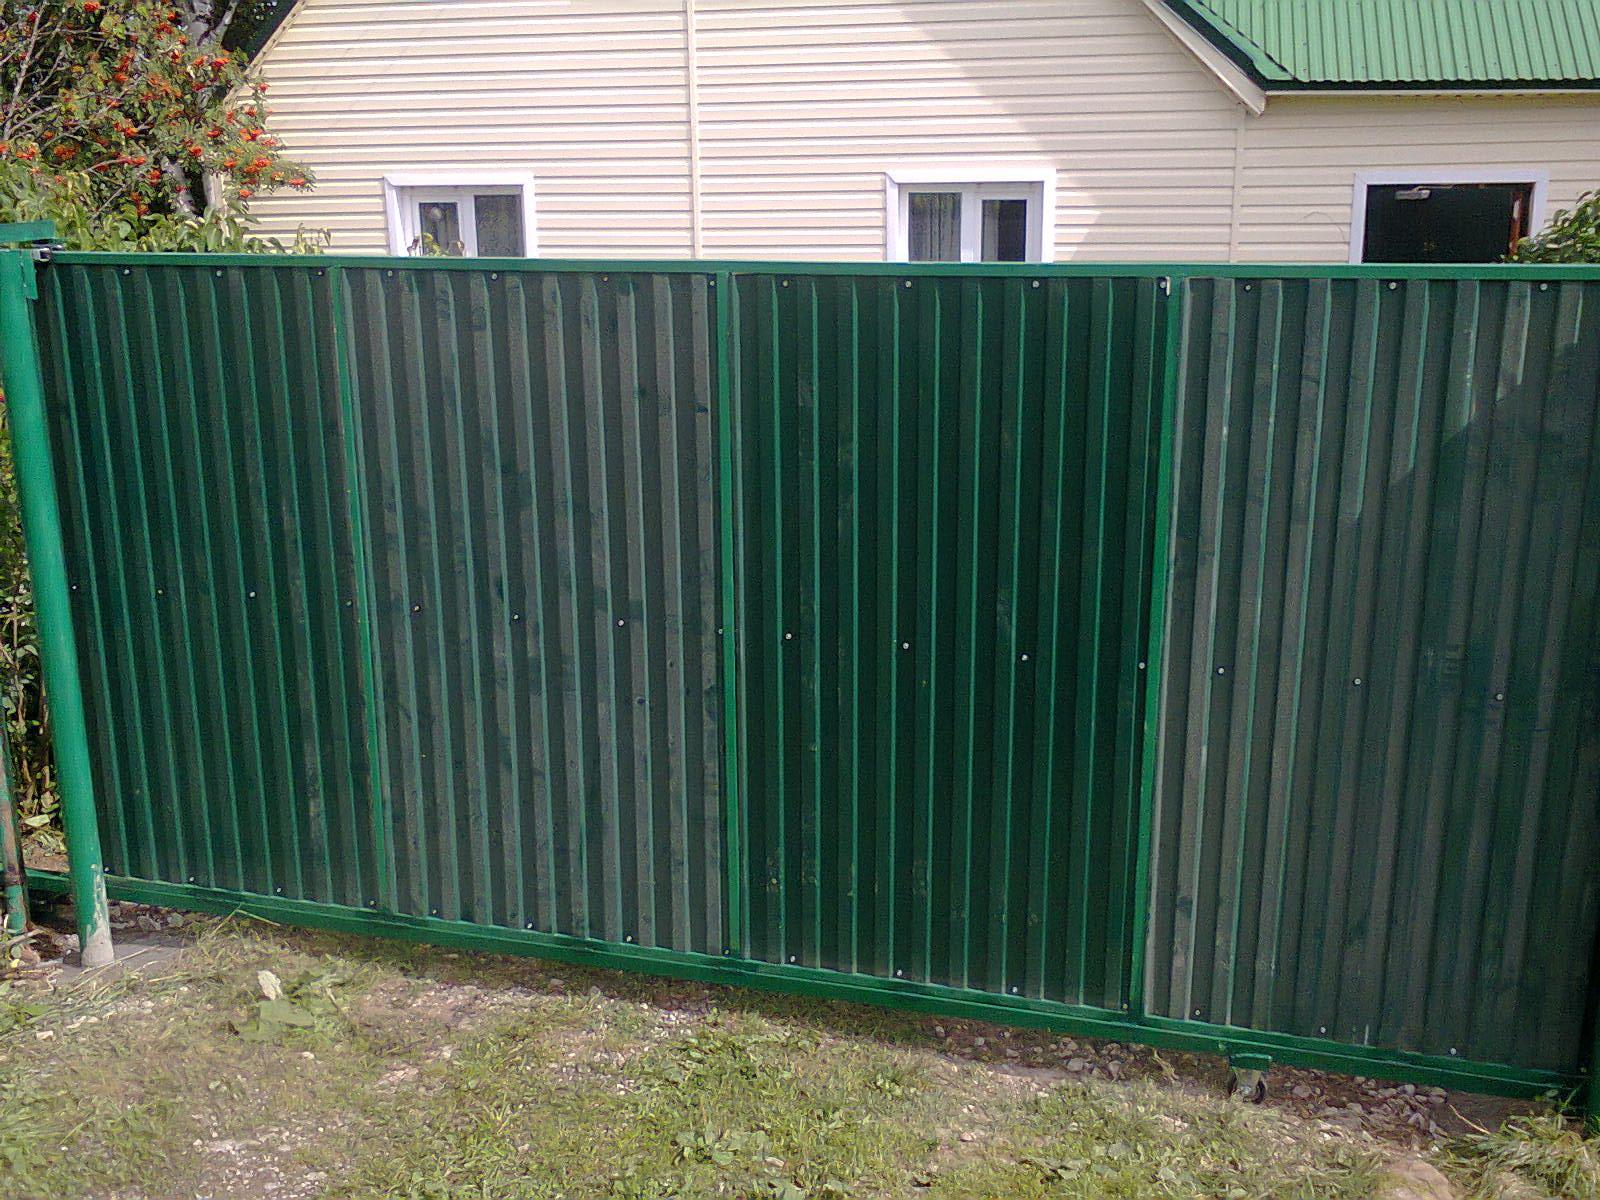 Распашные ворота цена в перми дизаин ворот и калиток